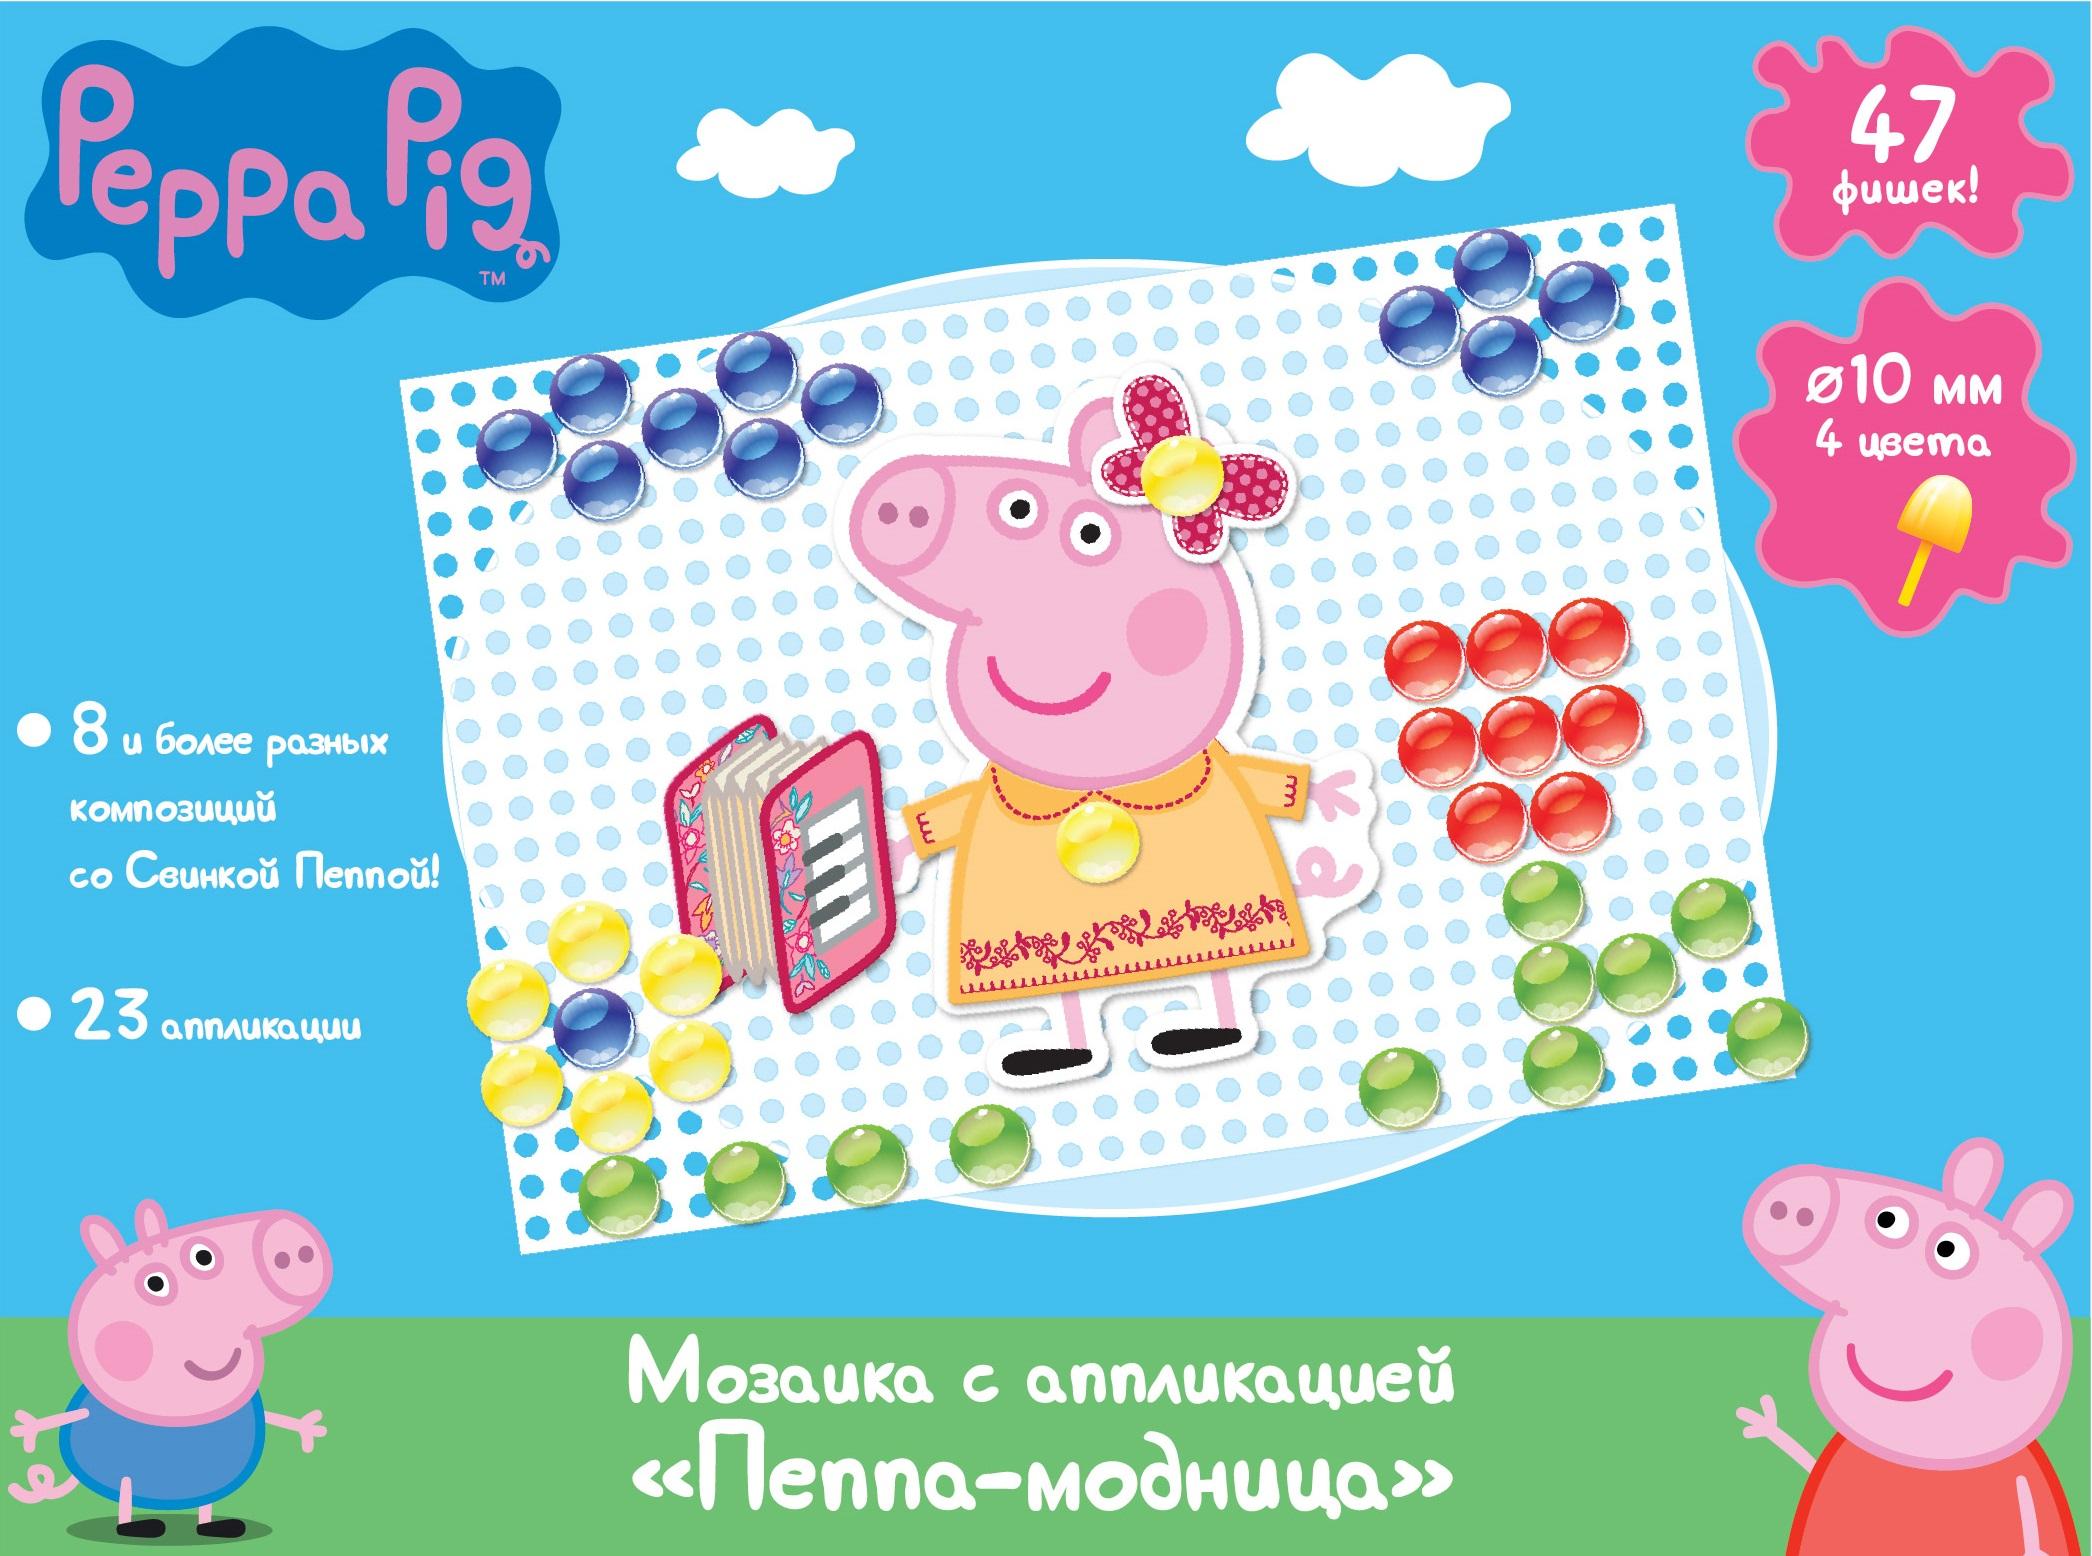 Peppa Pig Мозаика Пеппа-модница31158Свинка Пеппа приглашает вашего ребенка отправиться в увлекательное творческое путешествие! С набором Пеппа-модница малыш составит 8 очаровательных композиций с героями мультфильма Свинка Пеппа, изображенных на коробочке, и придумает множество собственных сюжетных картинок, по-разному сочетая фишки и аппликации. Для этого в наборе есть 47 фишек 4-х цветов и 23 фигурки-аппликации, которые дают безграничный простор для воображения. Работа с такой мозаикой активно развивает у юного фантазера мелкую моторику, зрительную и тактильную память, внимательность, творческие способности, воображение и усидчивость. А главное – дарит ни с чем не сравнимое удовольствие от создания новых поделок. В наборе: 47 пластиковых фишек диаметром 10 мм (4 цвета), пластиковая мини-плата (11х16 см), 23 картонные фигуры-аппликации с отверстиями для фишек. Набор позволяет выполнить 8 и более композиций со свинкой Пеппой. Товар сертифицирован. Срок службы – 5 лет. Упаковка – коробка размером 18,5x4x20 см.